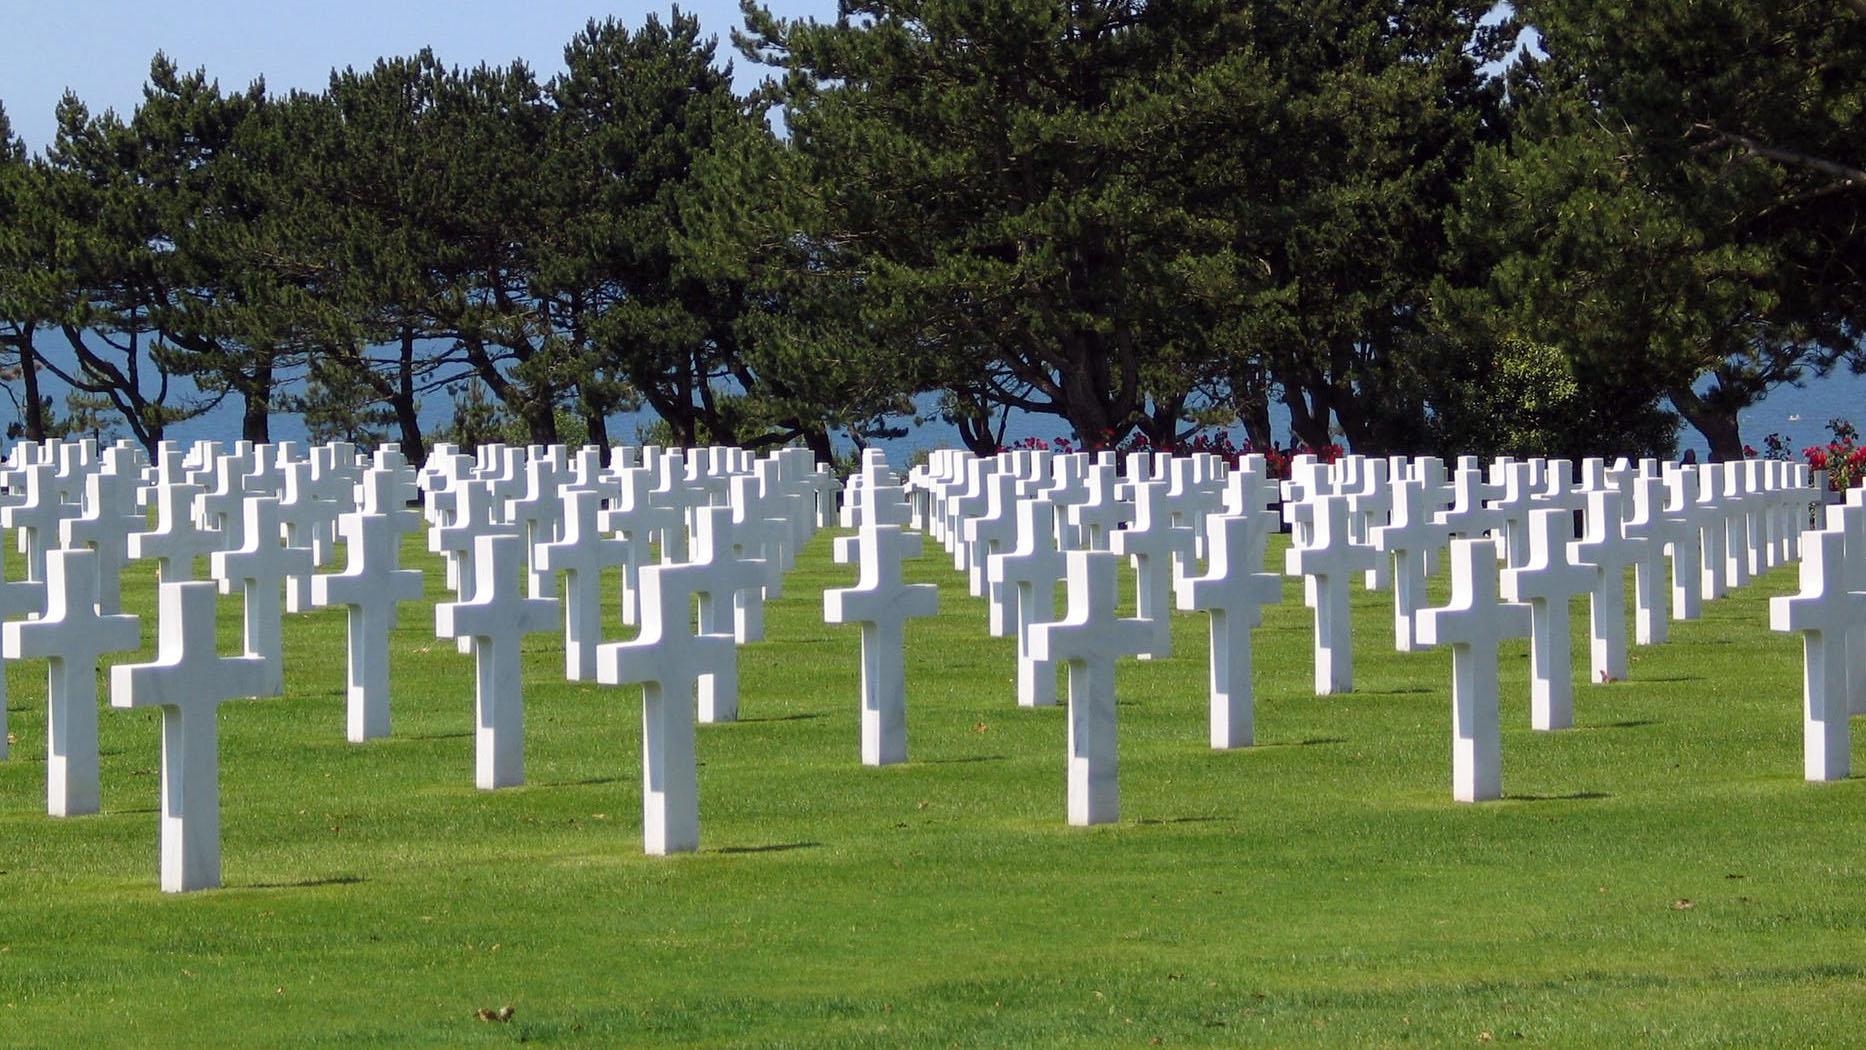 16x9 funeral stock _1544459525591.jpg.jpg